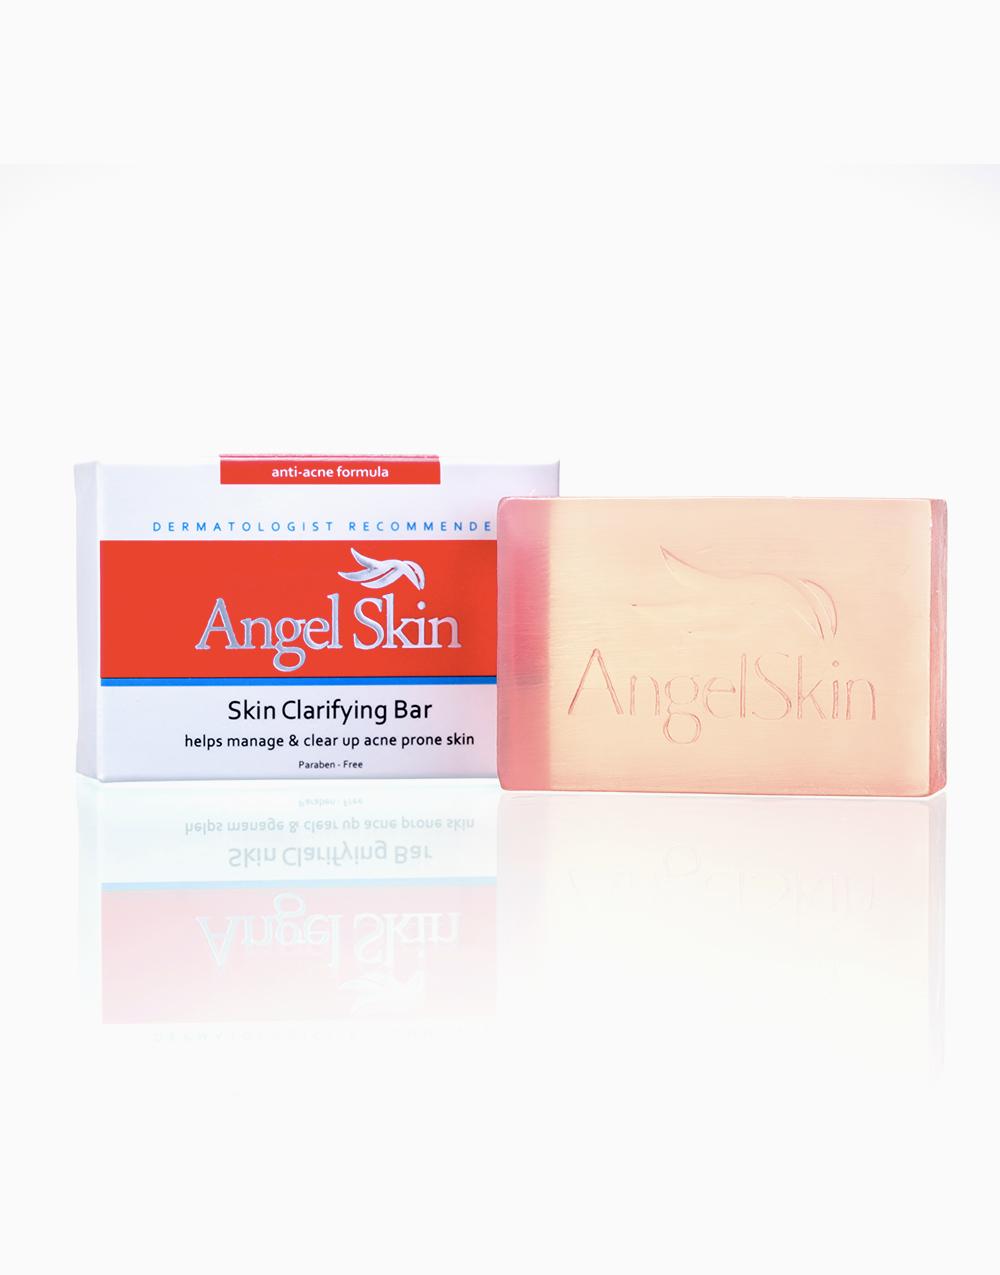 Anti-Acne Formula Skin Clarifying Bar (Red Strip) by Angel Skin